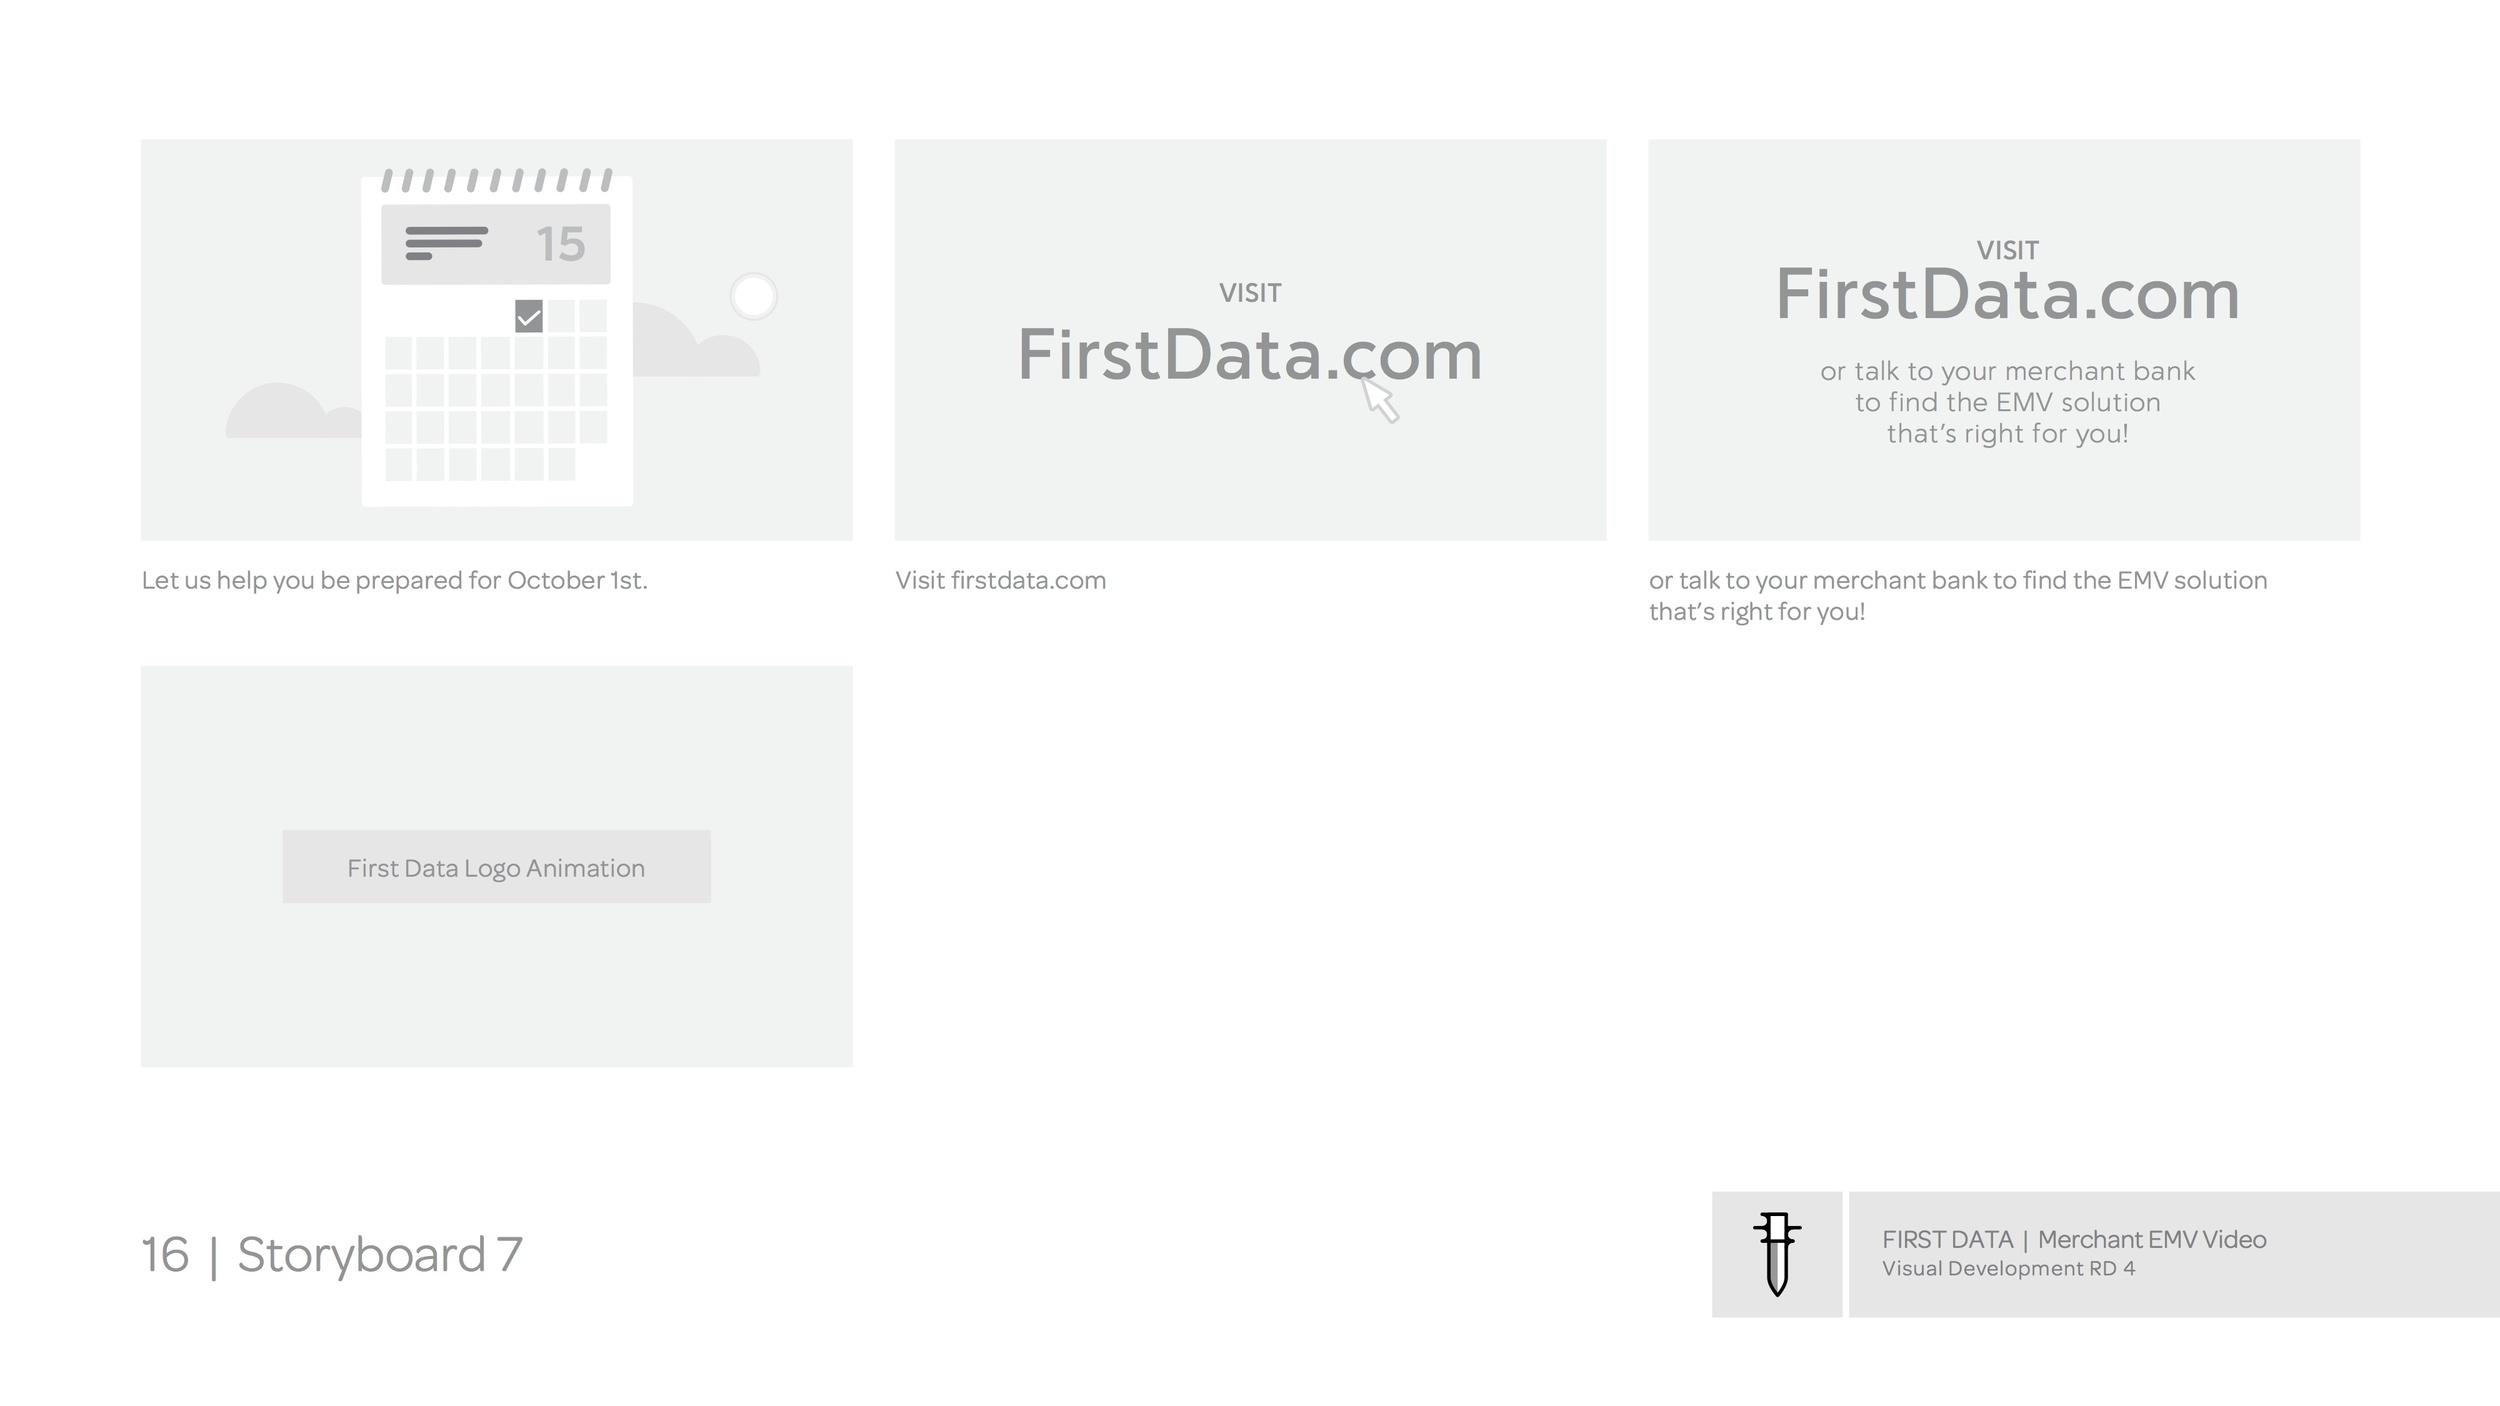 First Data_Vis Dev RD 4_16.jpg